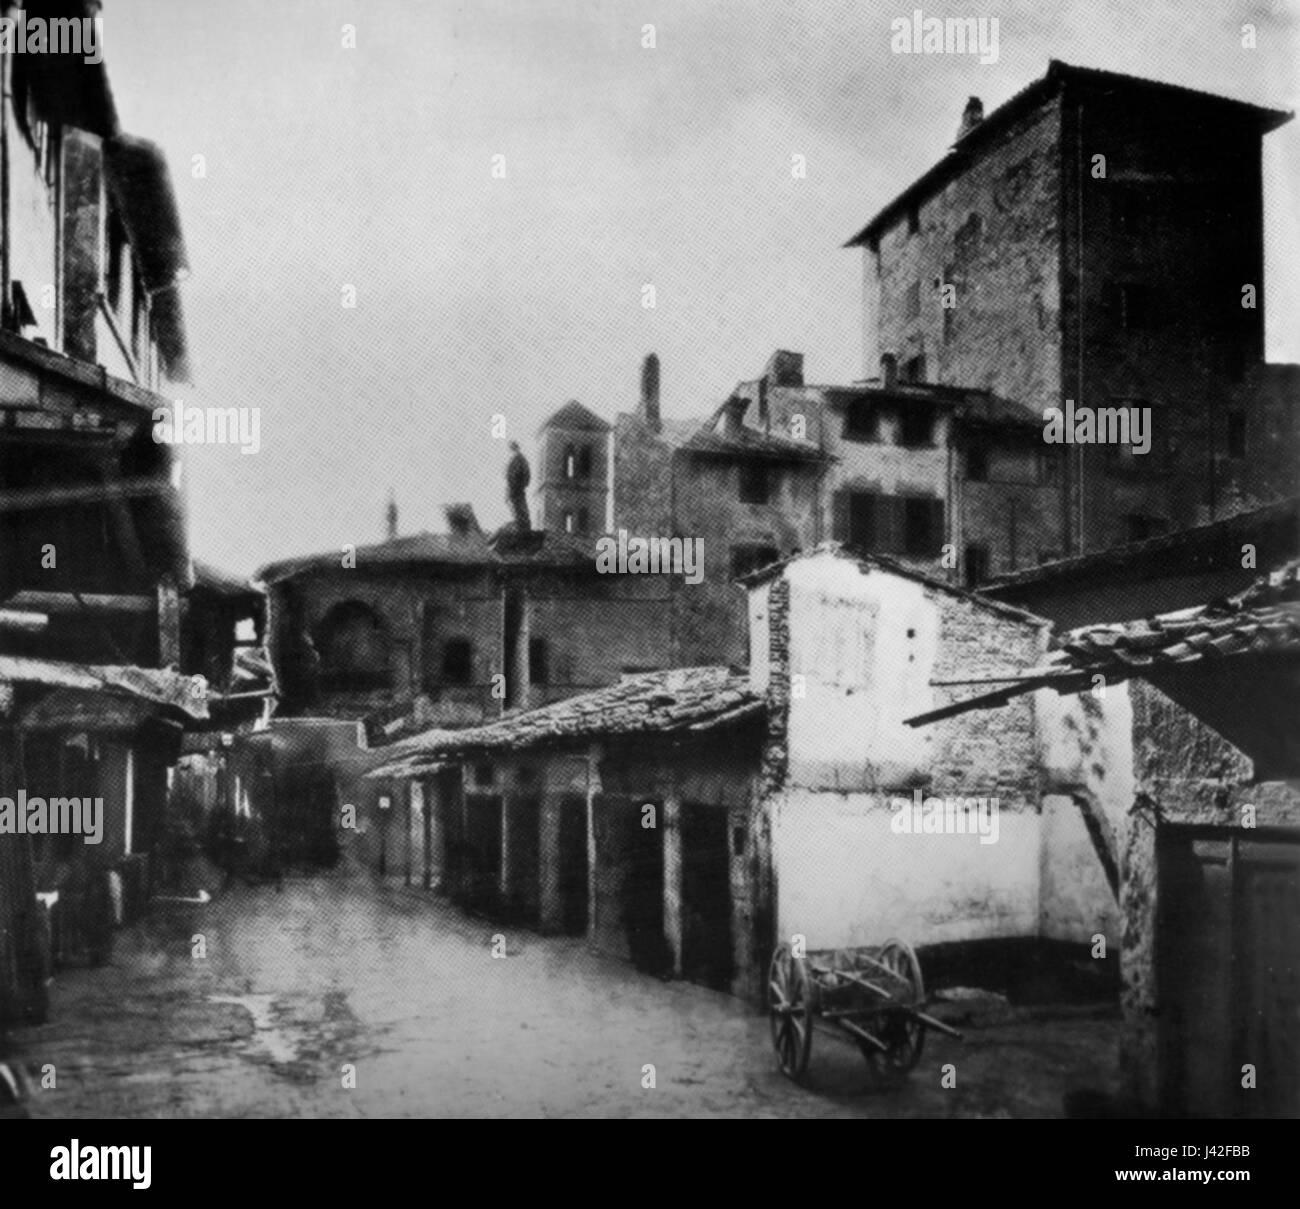 Mercato vecchio before 1881, torre dei caponsacchi - Stock Image